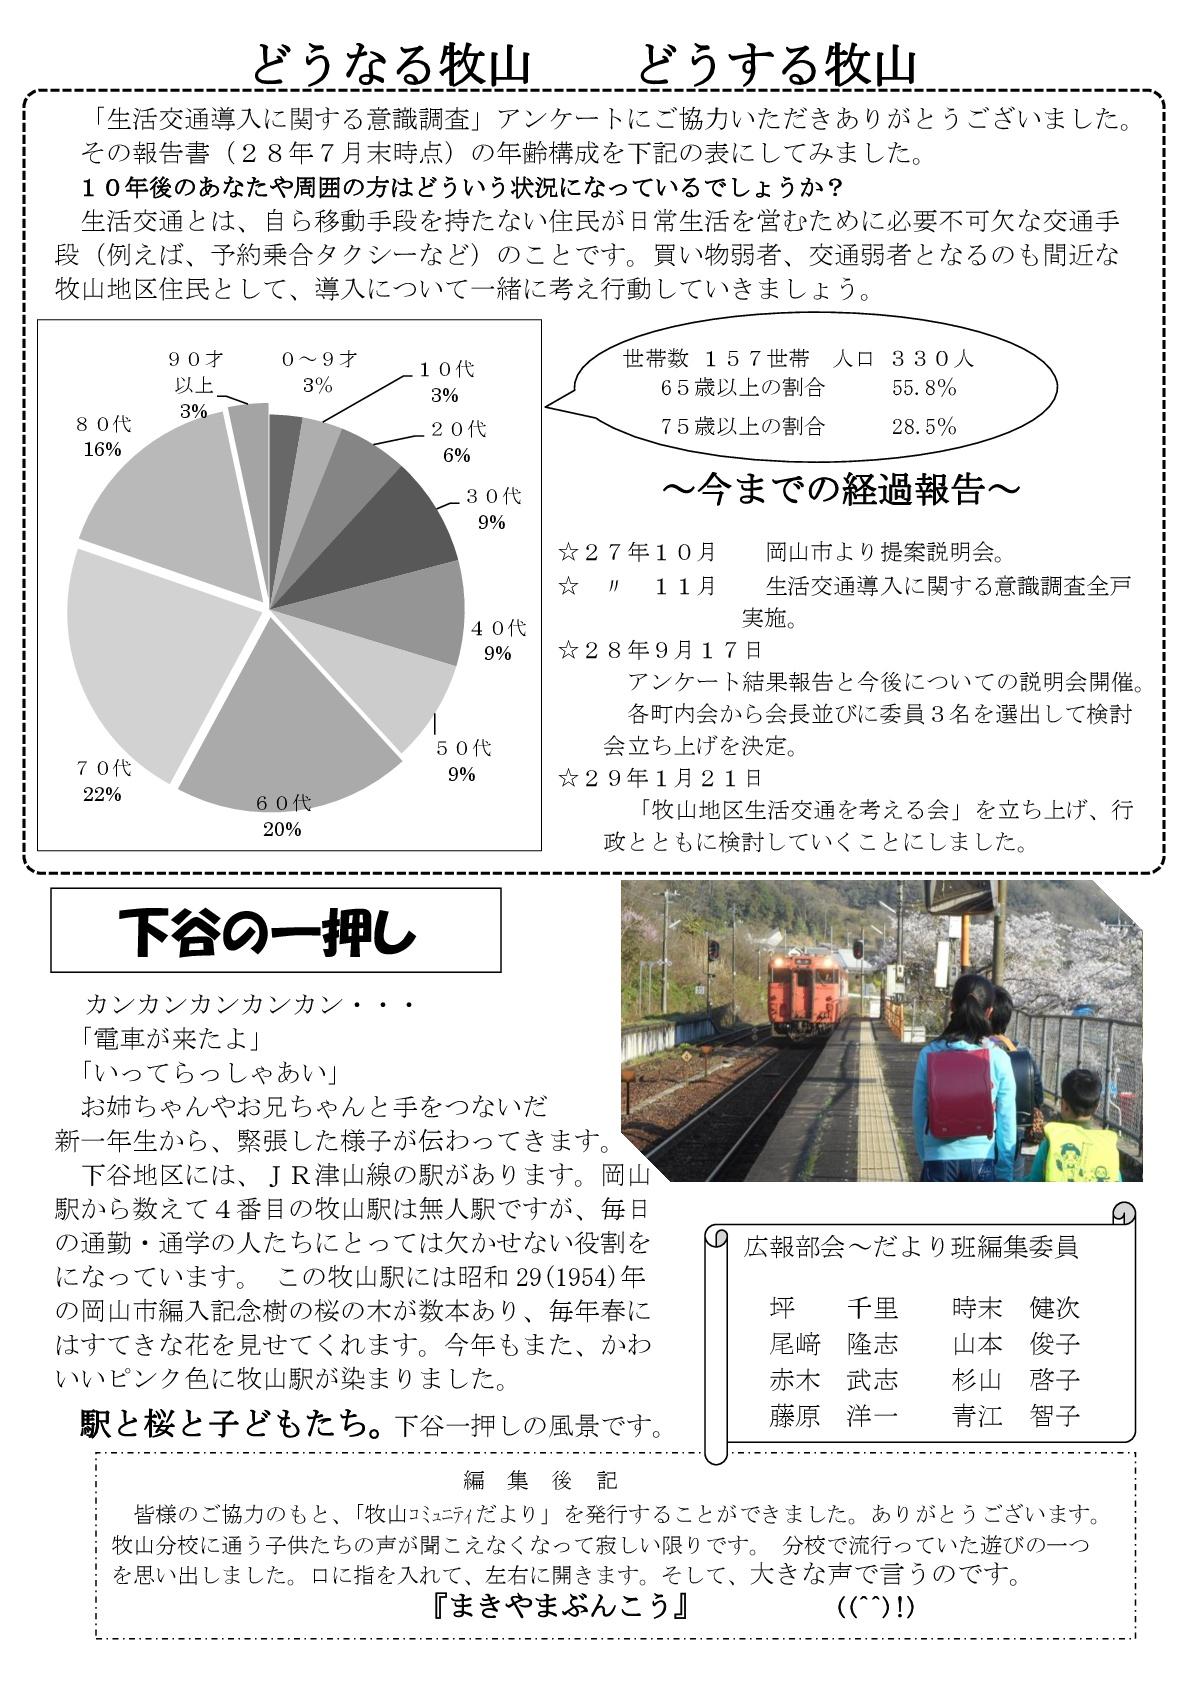 コミュニティ便り創刊号2